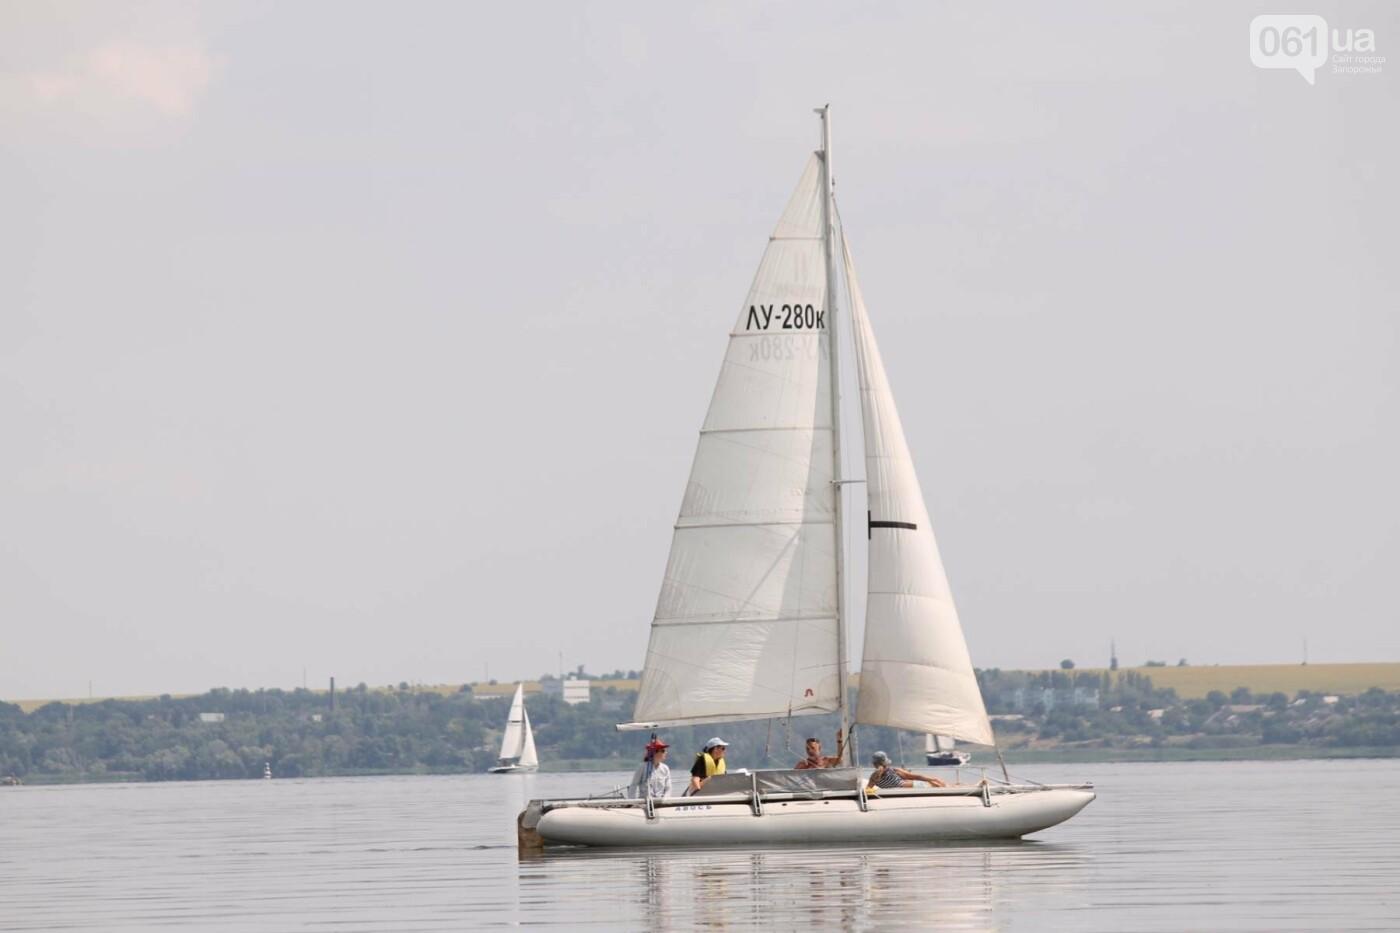 Сотни спортсменов и десятки яхт: как в Запорожье проходит парусная регата, – ФОТОРЕПОРТАЖ, фото-32